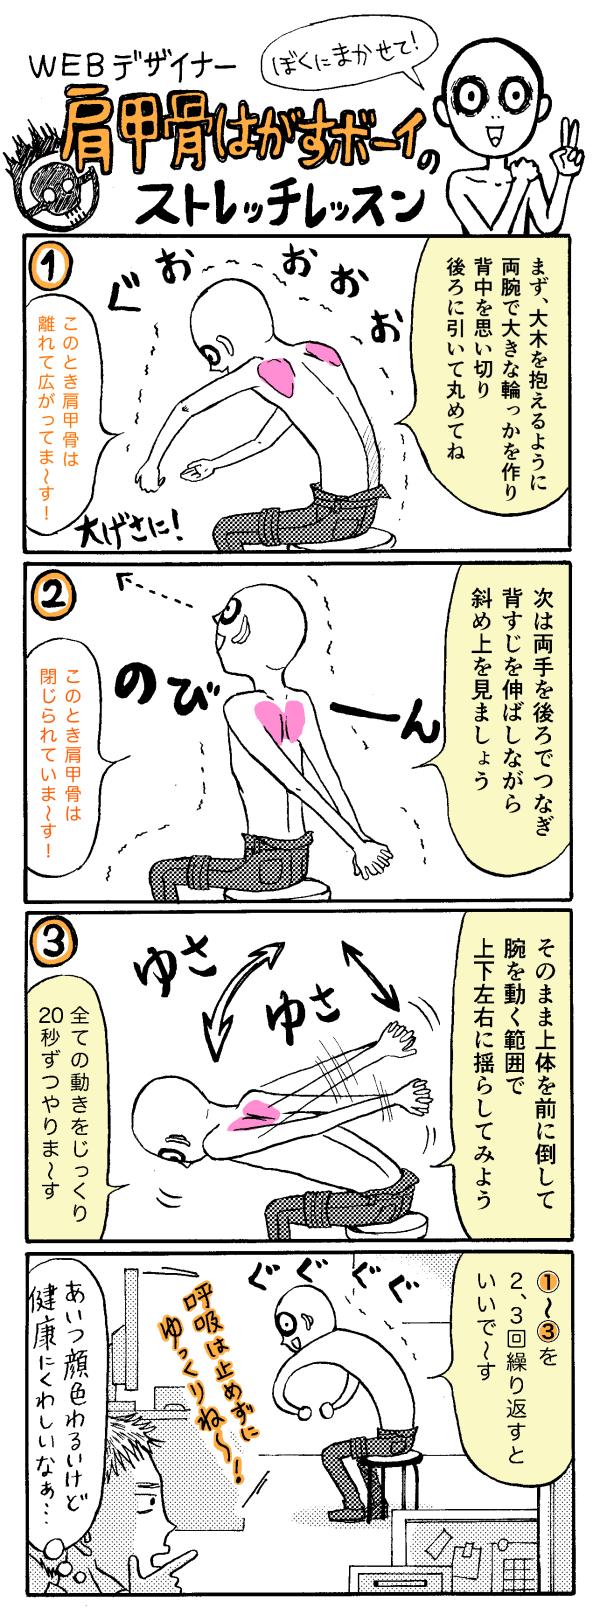 ストレッチ 肩 甲骨